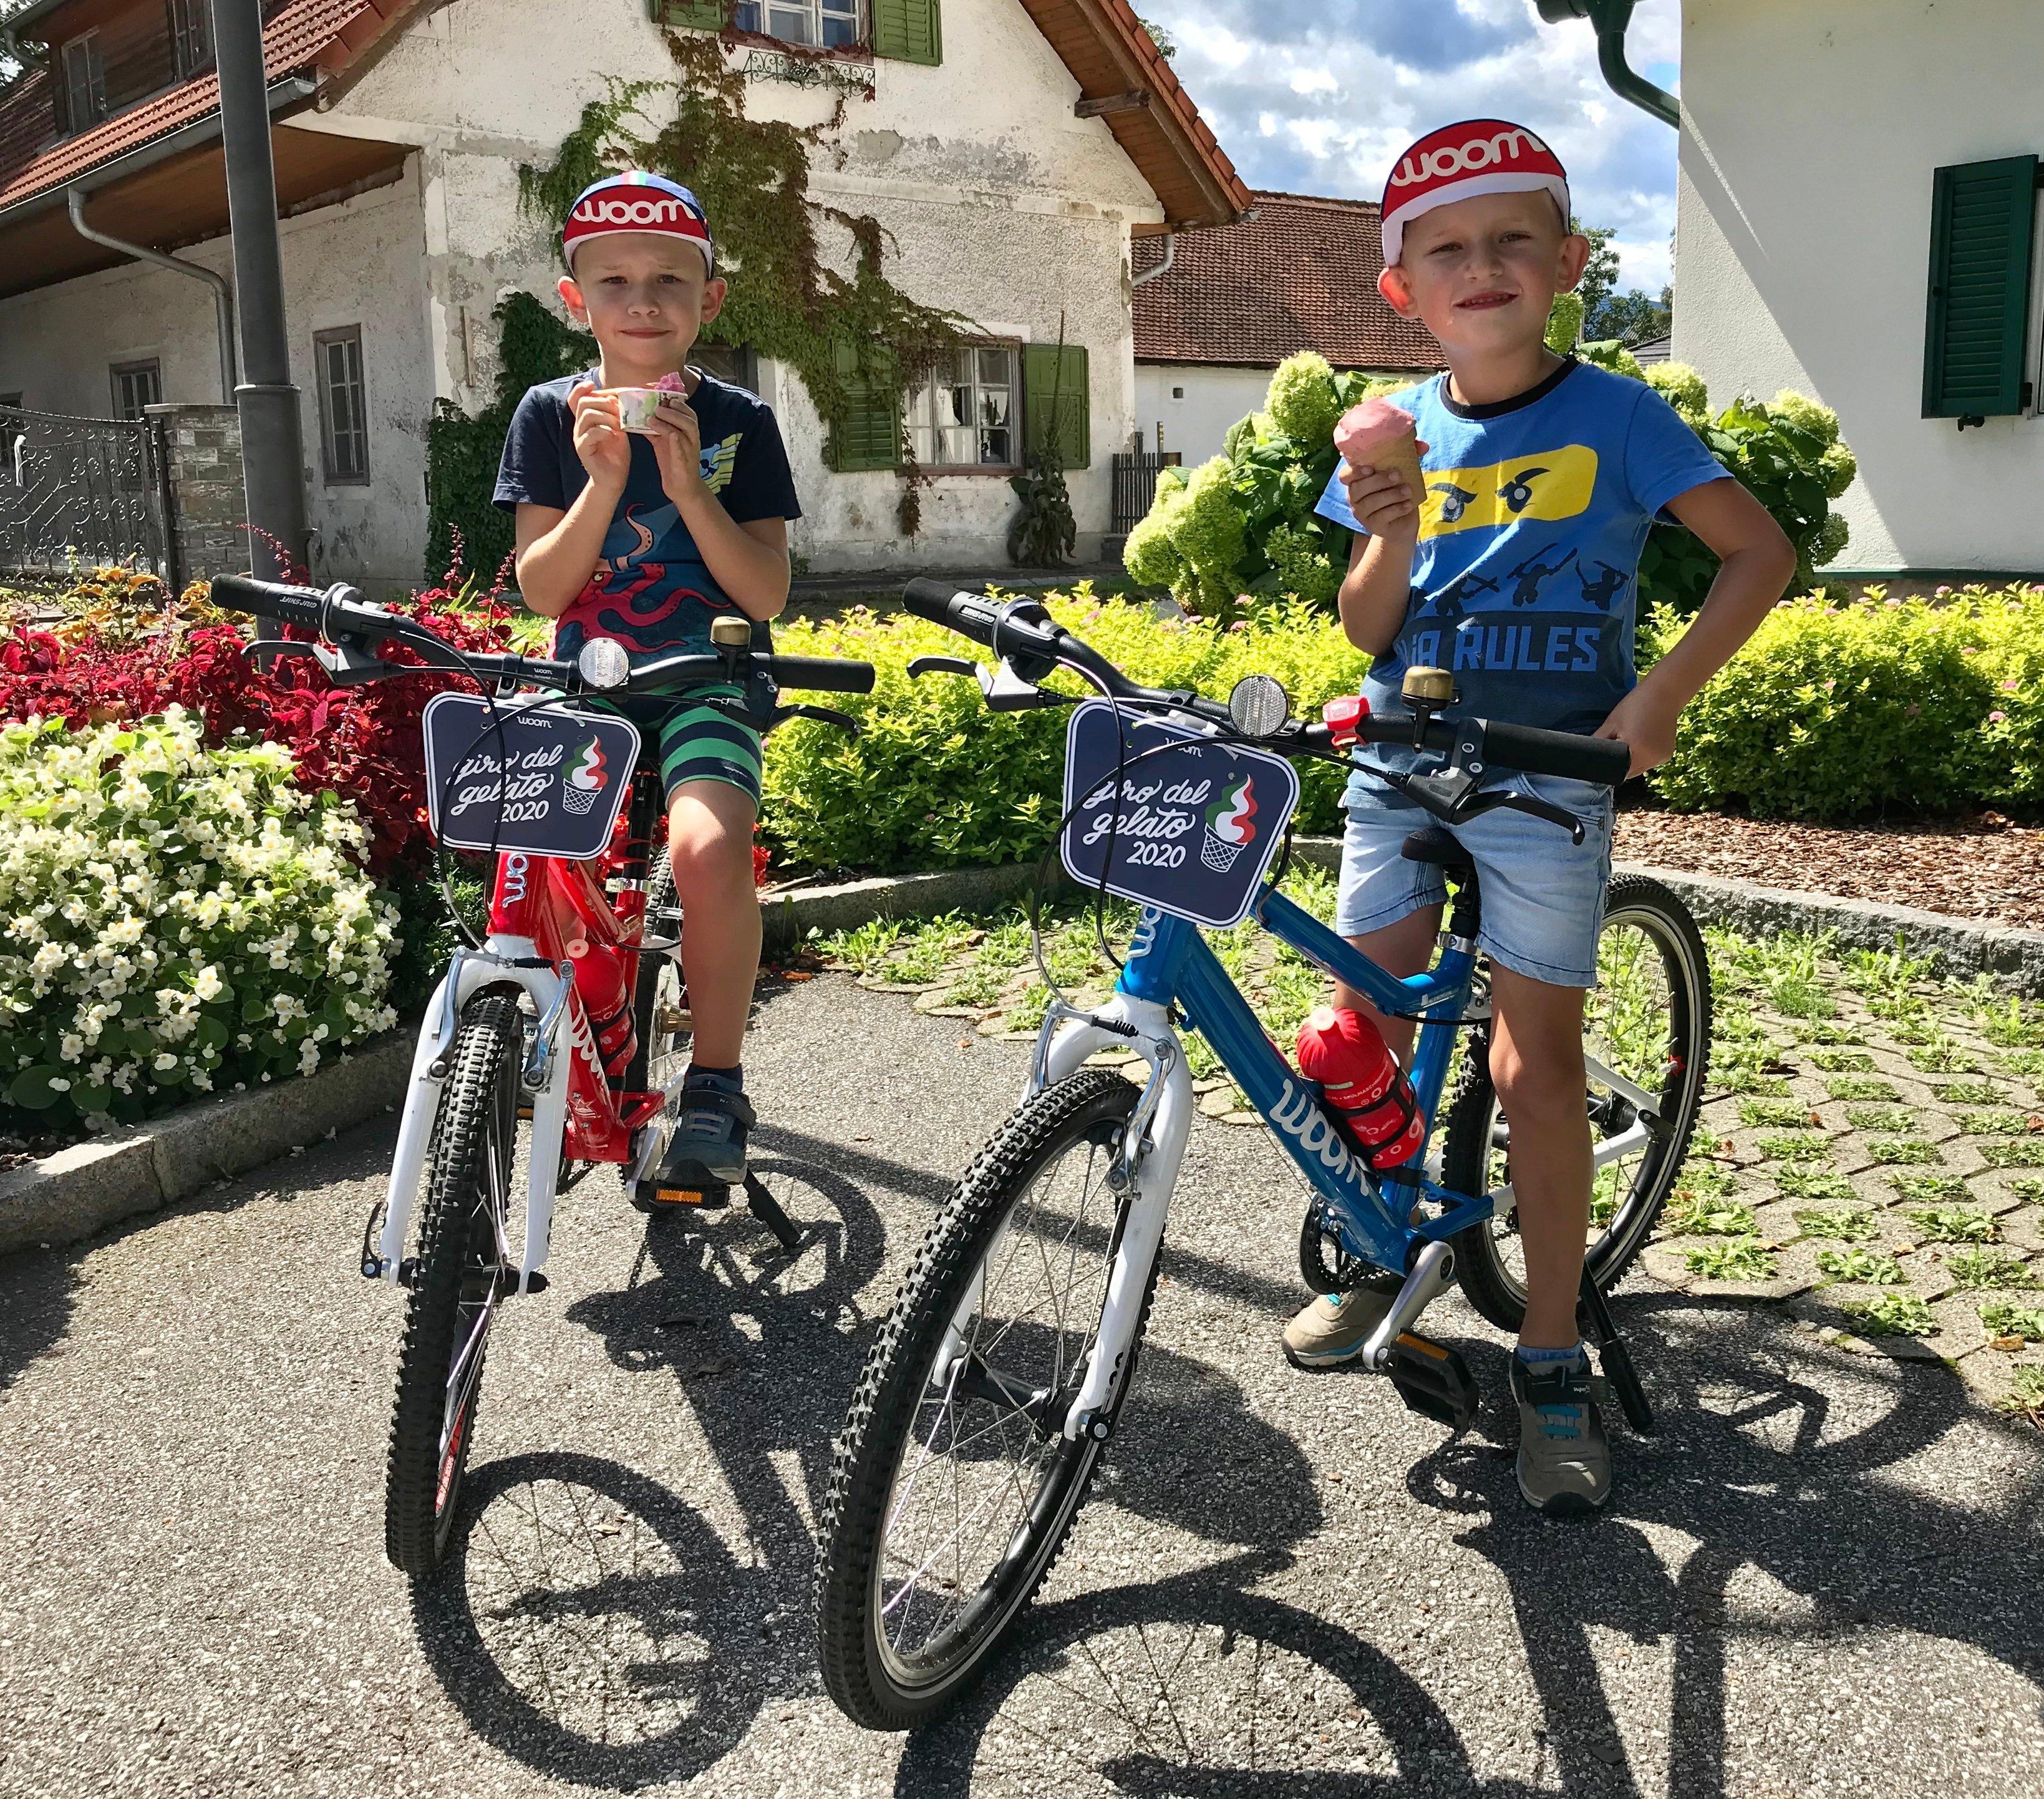 Zwei Kinder bei ihrem Giro del Gelato